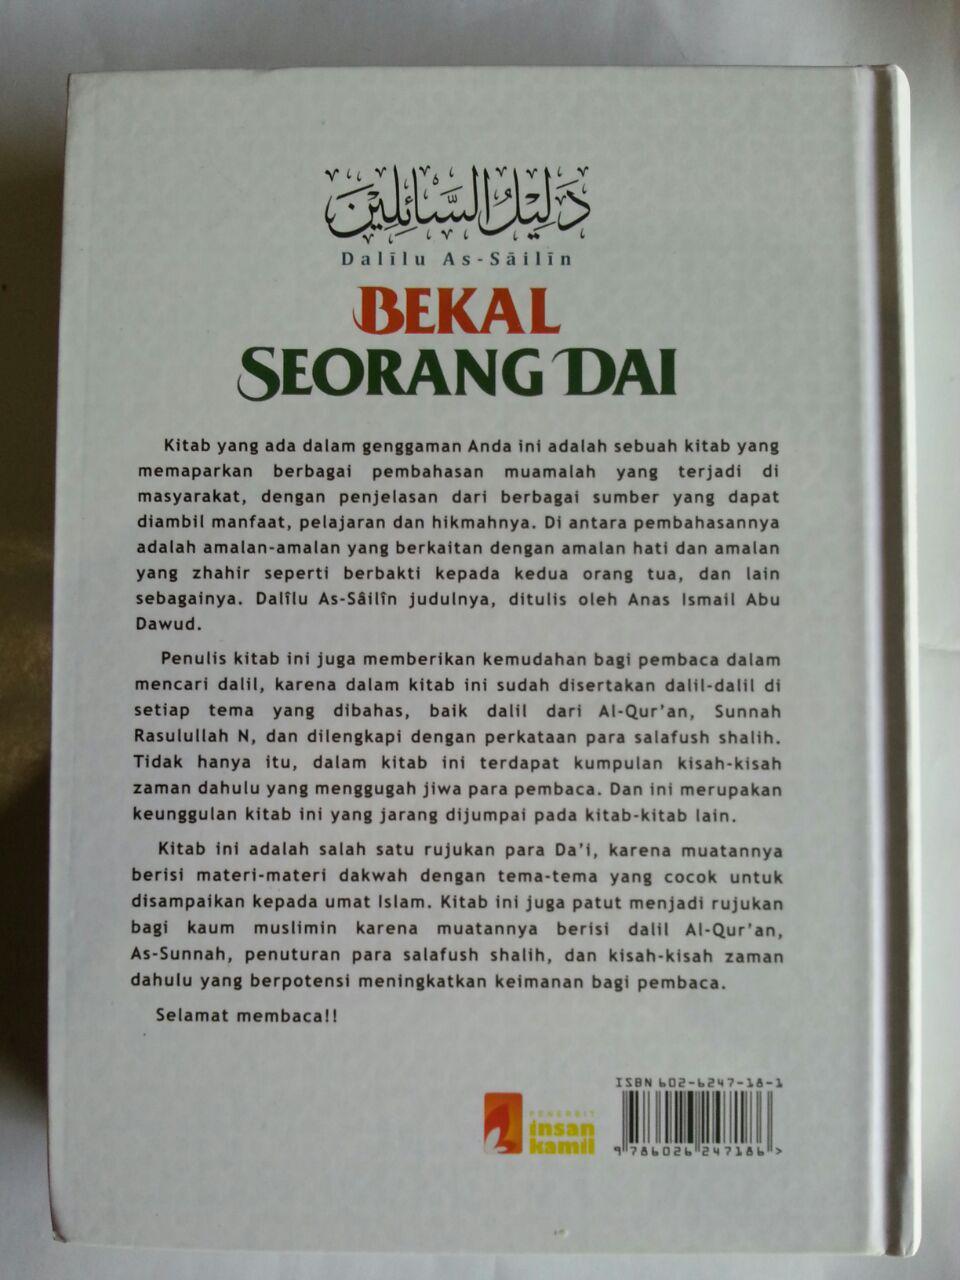 Buku Dalilu As-Sailin Bekal Seorang Dai cover